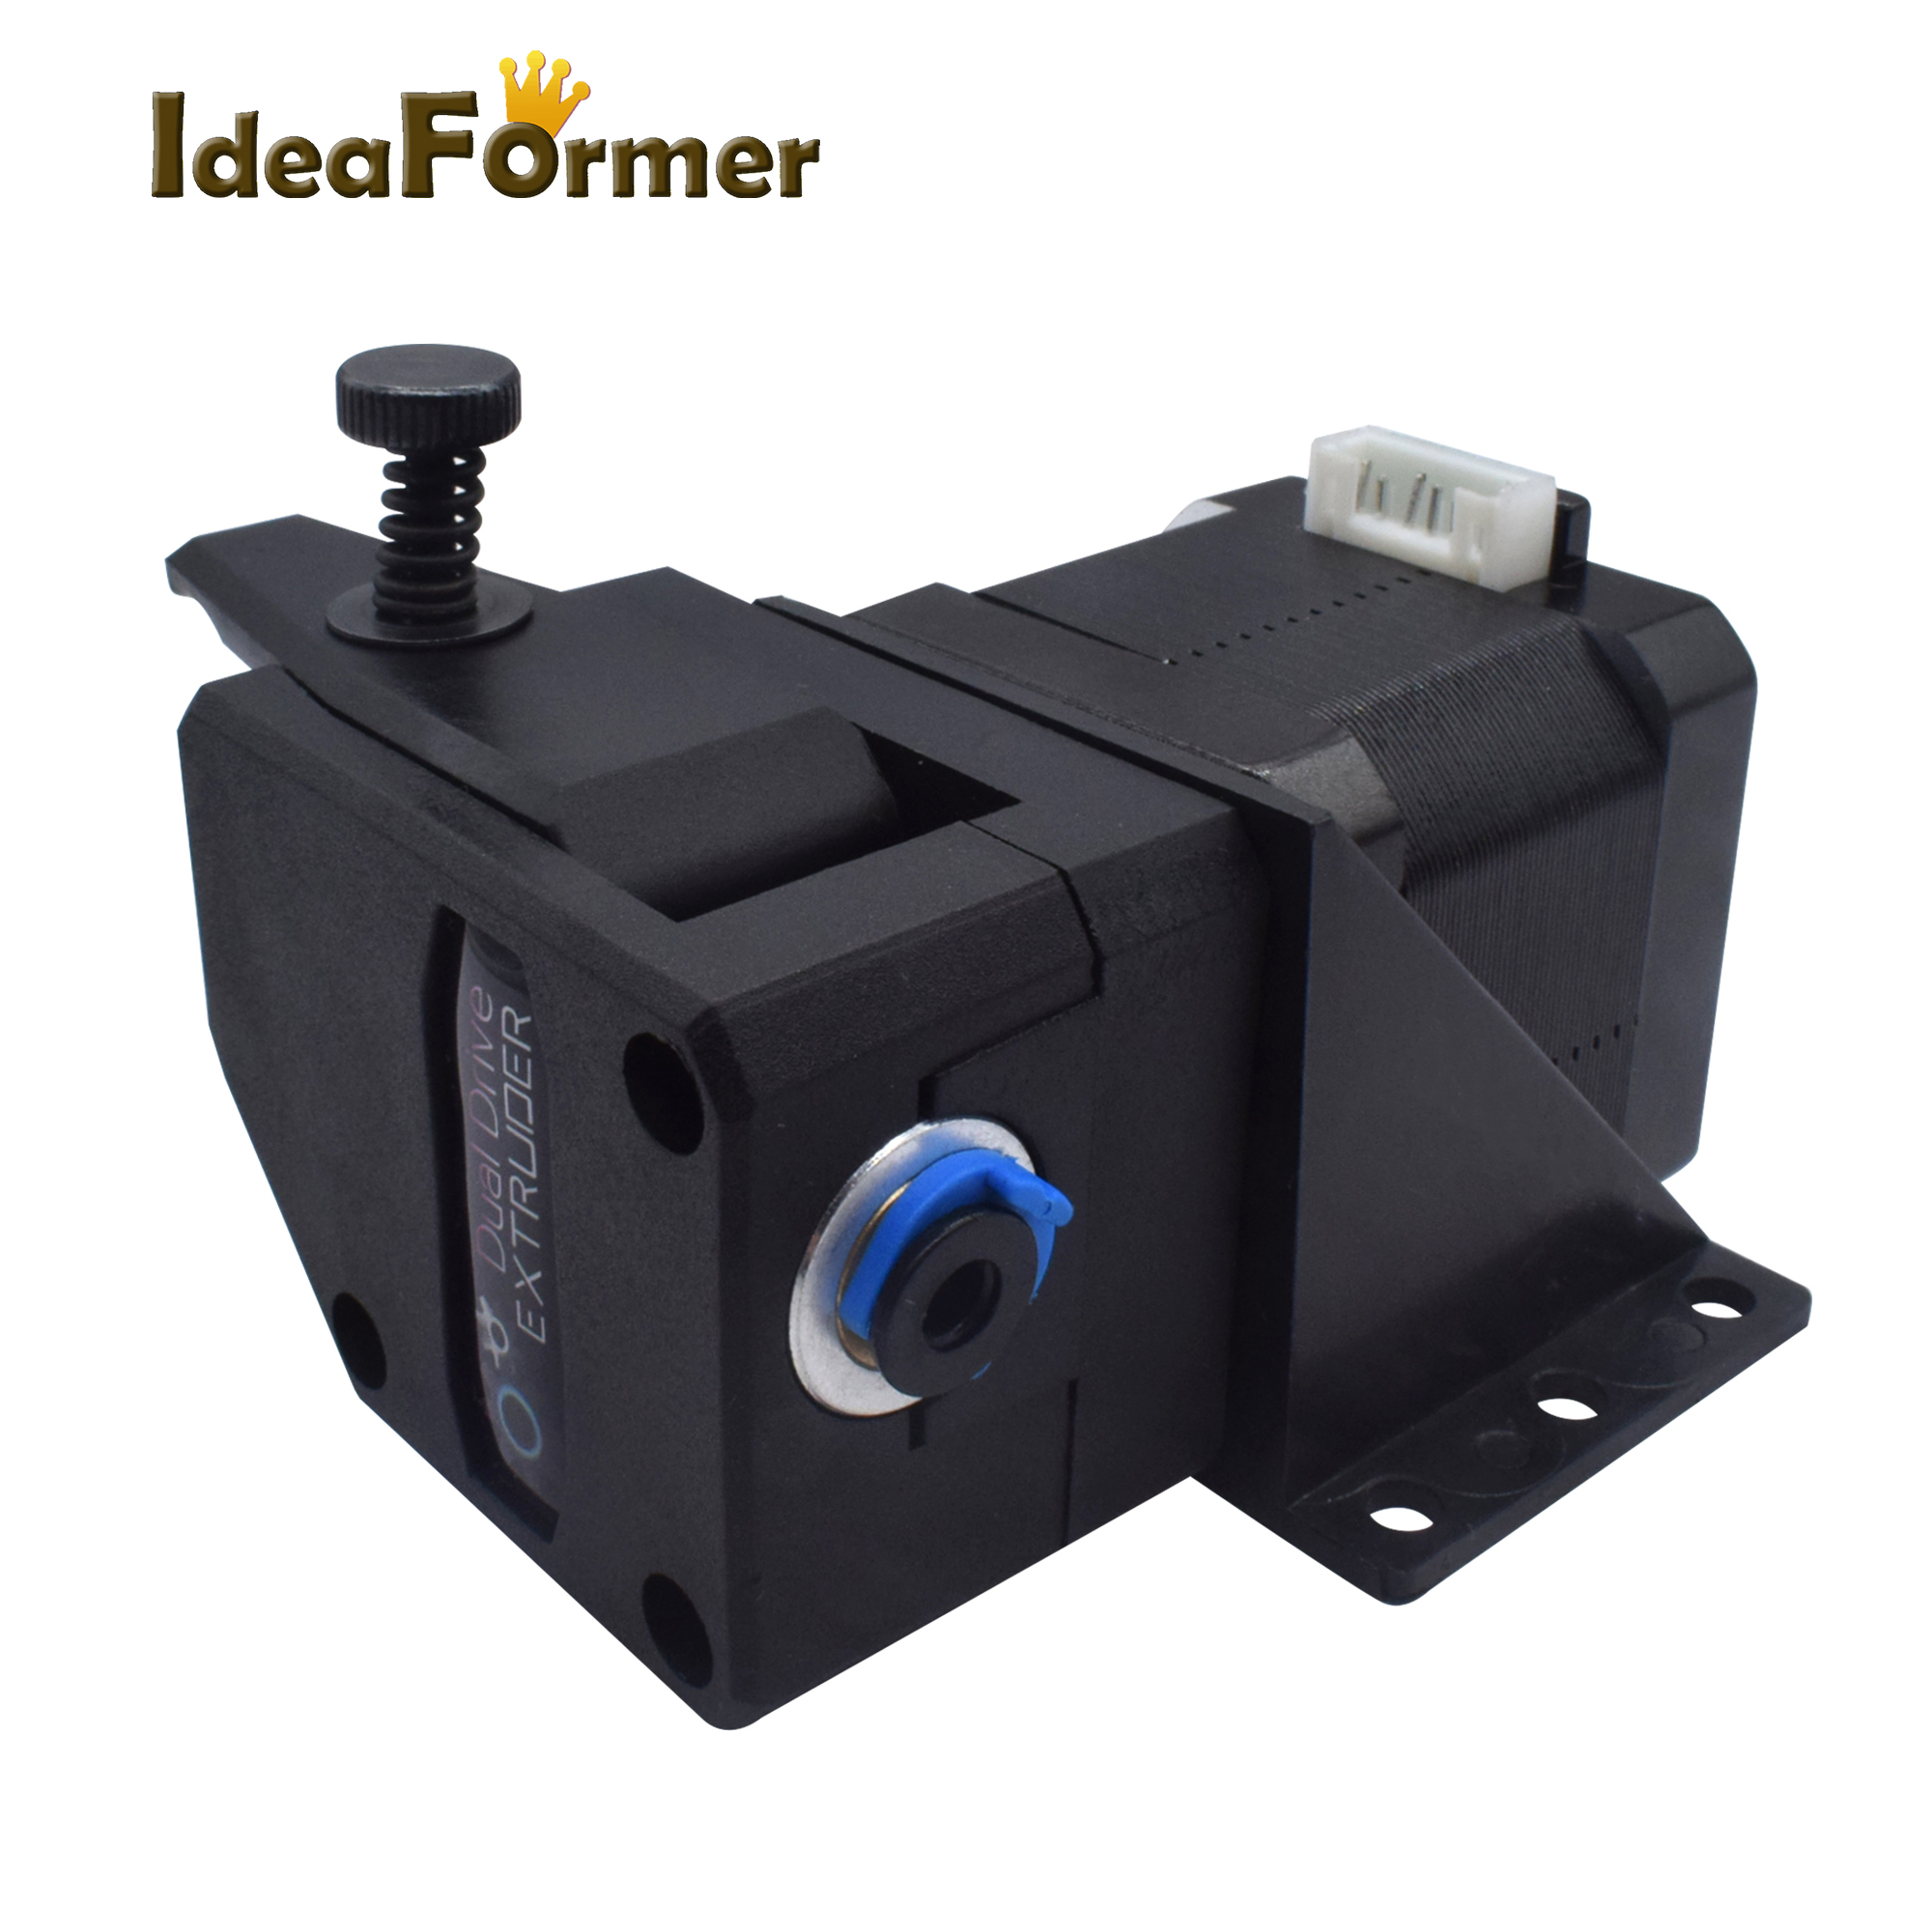 Ideaformer extrudeuse Bowden extrudeuse BMG clonée Btech double entraînement extrudeuse 1.75mm Filament double engrenage pour imprimante 3D CR10 MK8